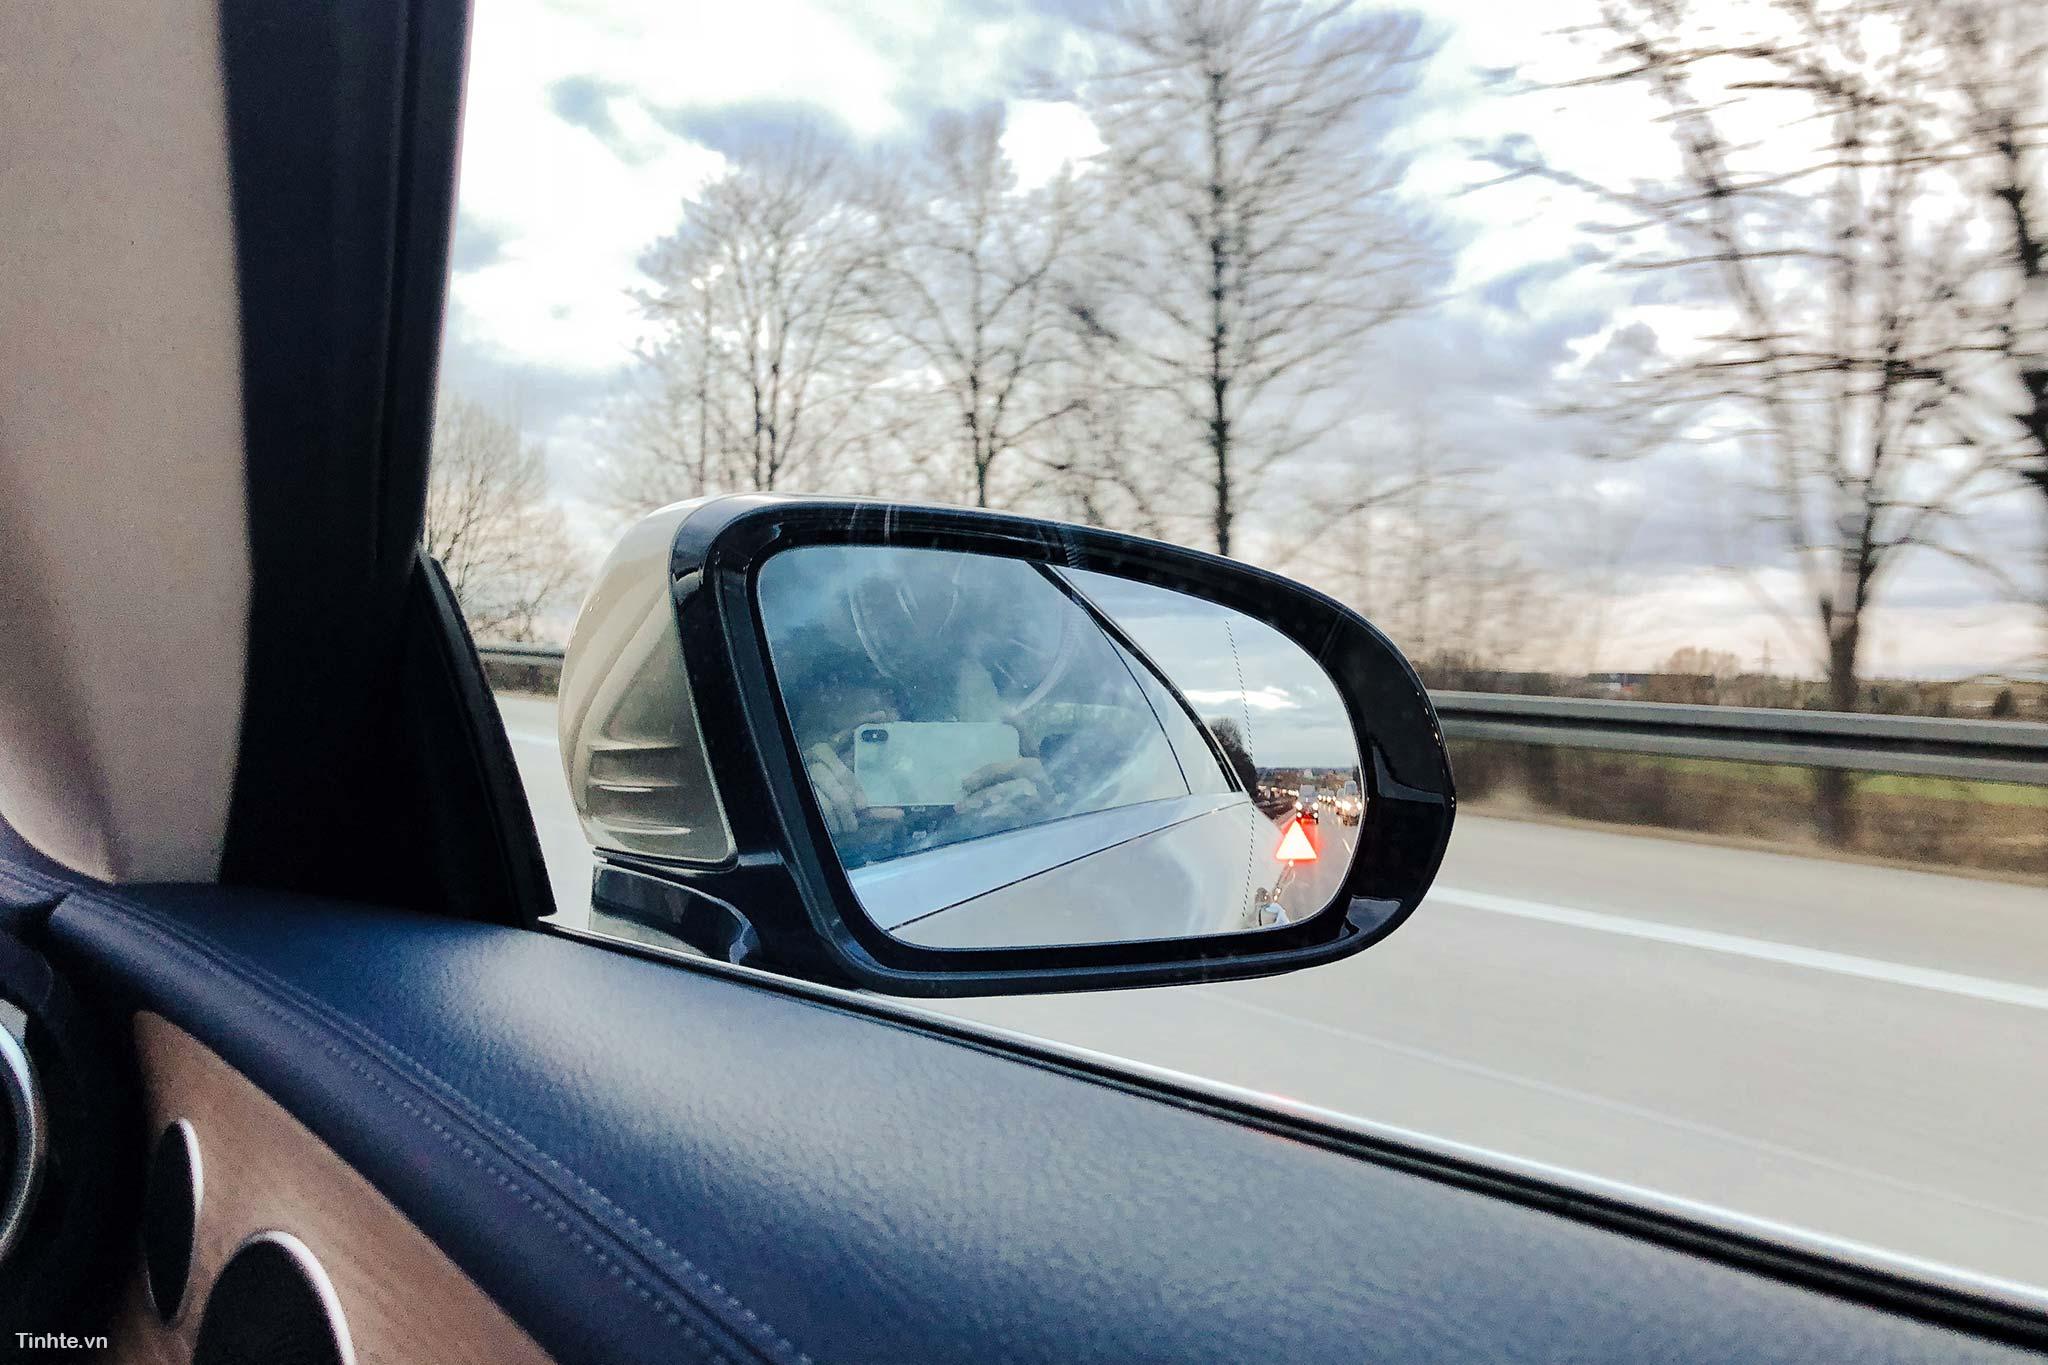 tinhte-Mercedes-Benz-E-300-Coupe-27.jpg